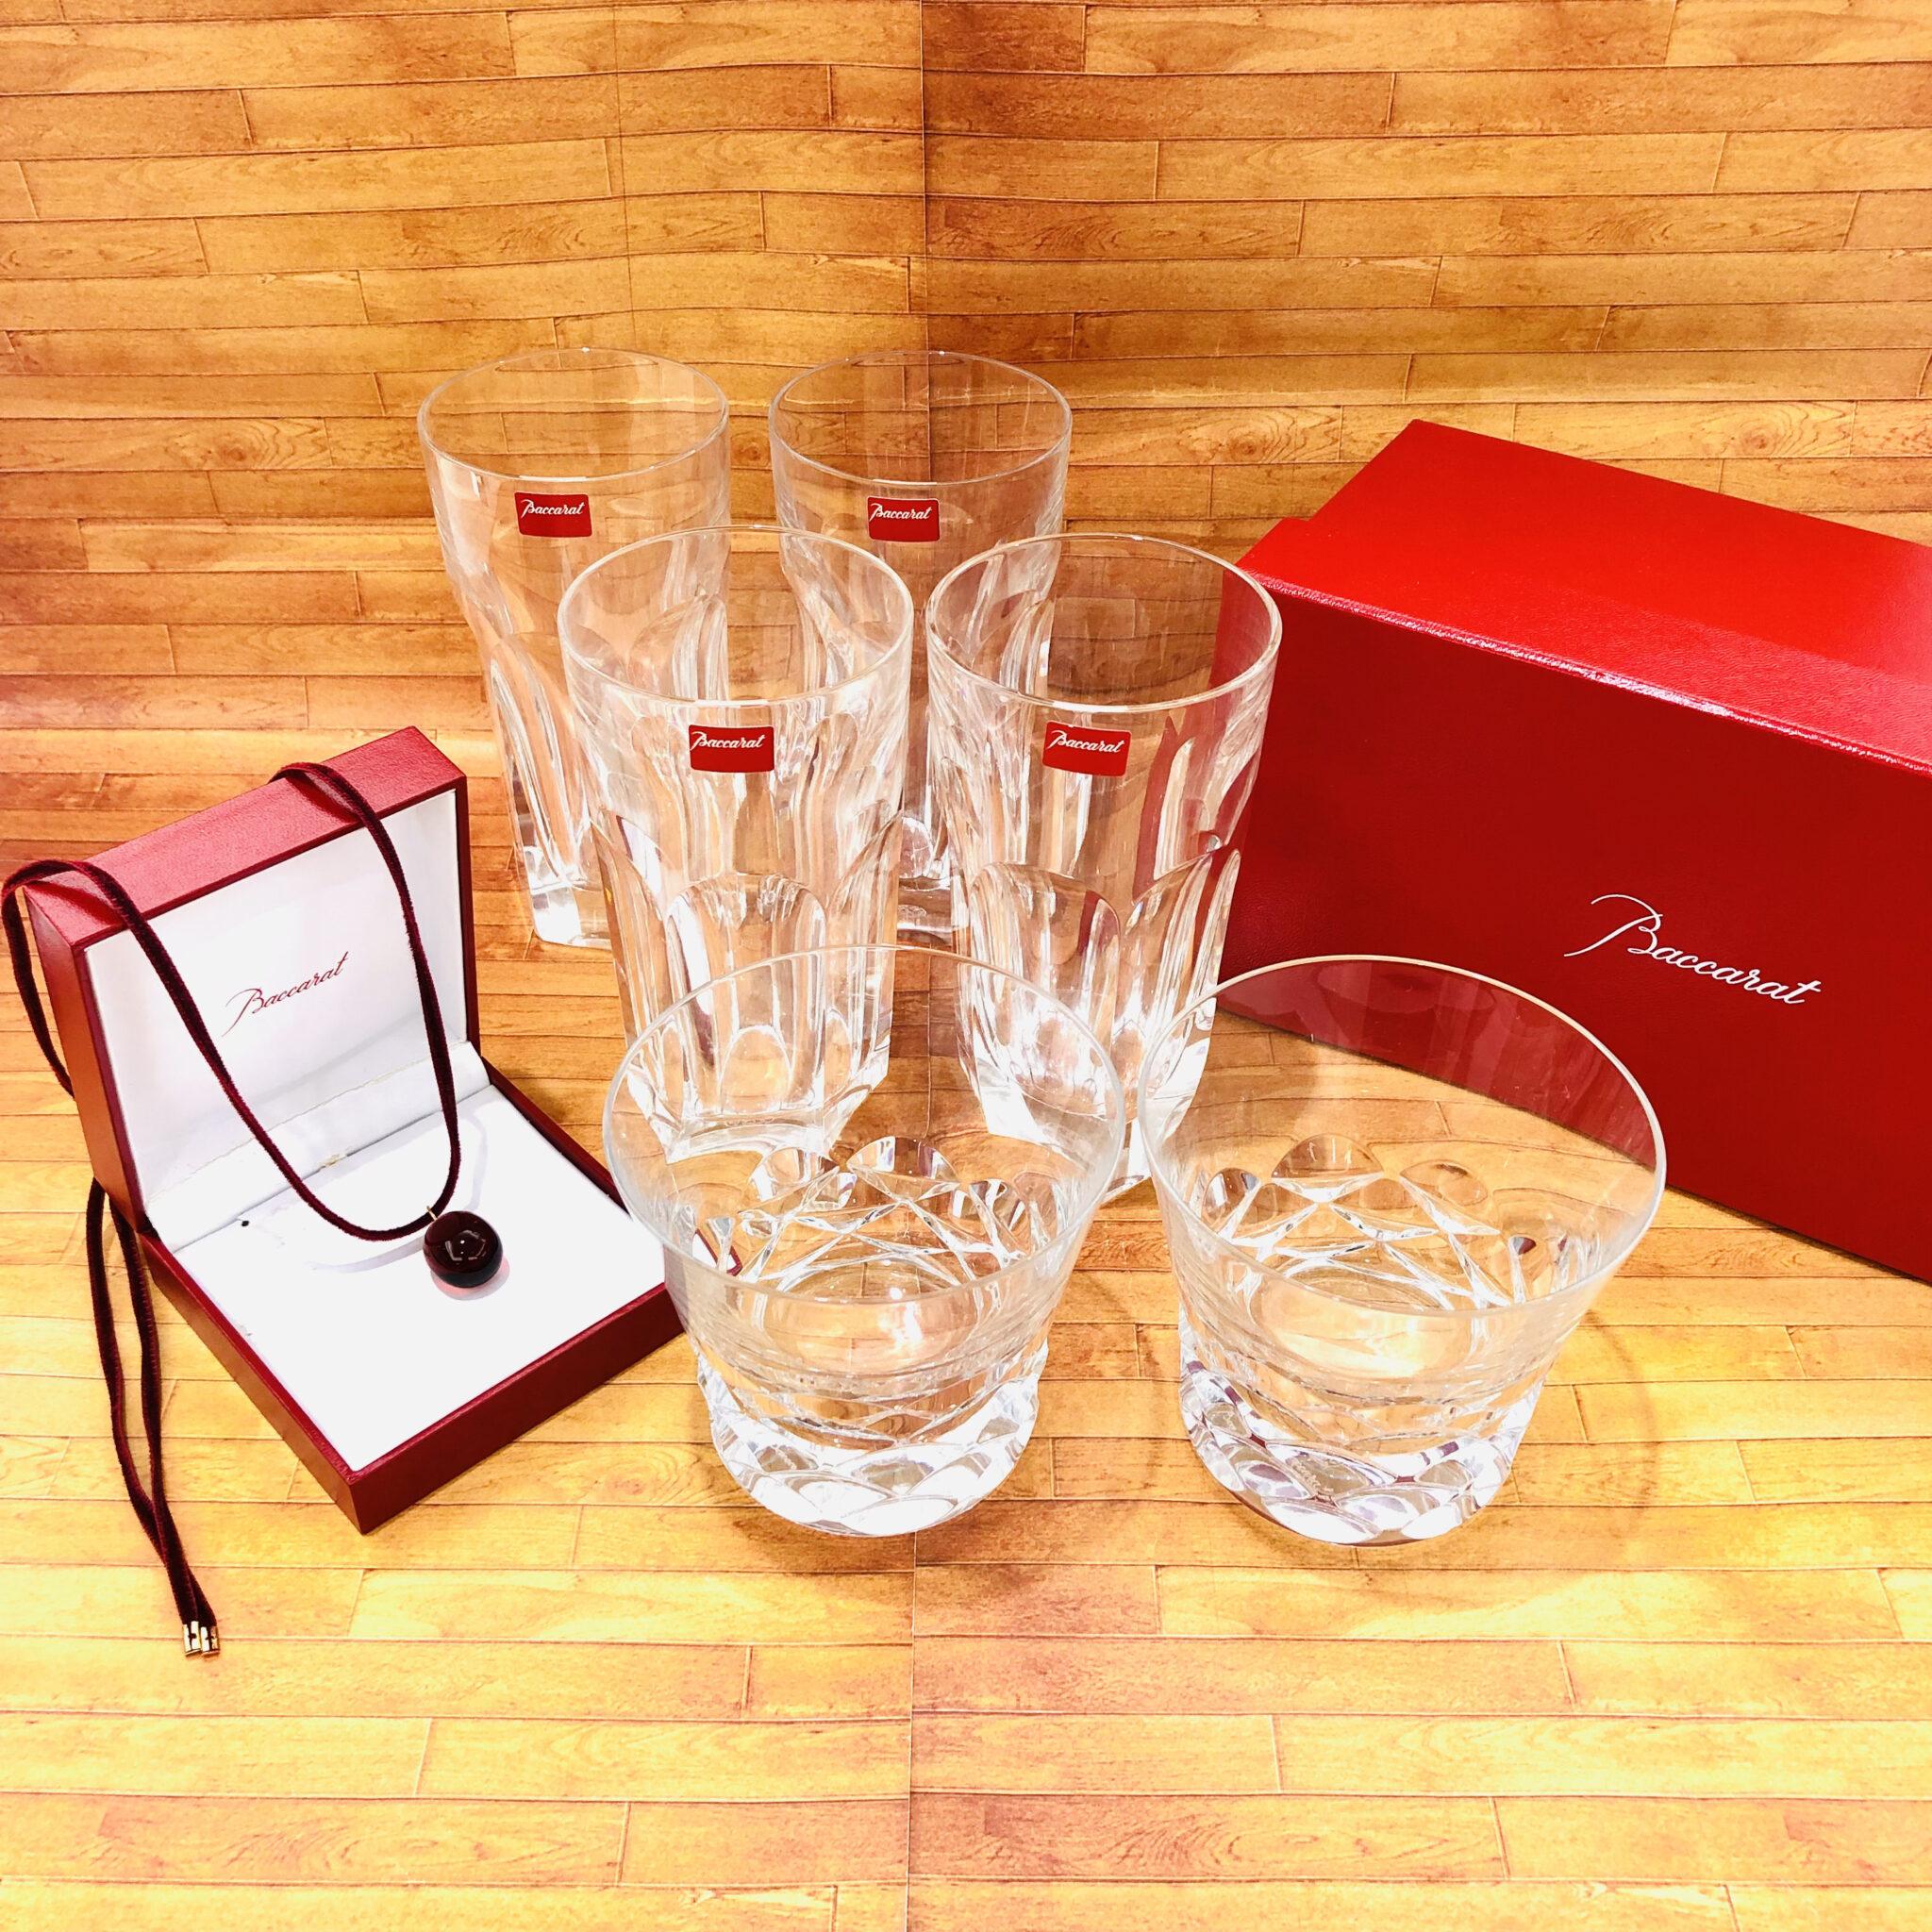 【ブランド 販売 盛岡】高級グラスといえば『バカラ』✨素敵なグラスで家族・ご友人とハイボールはいかが?